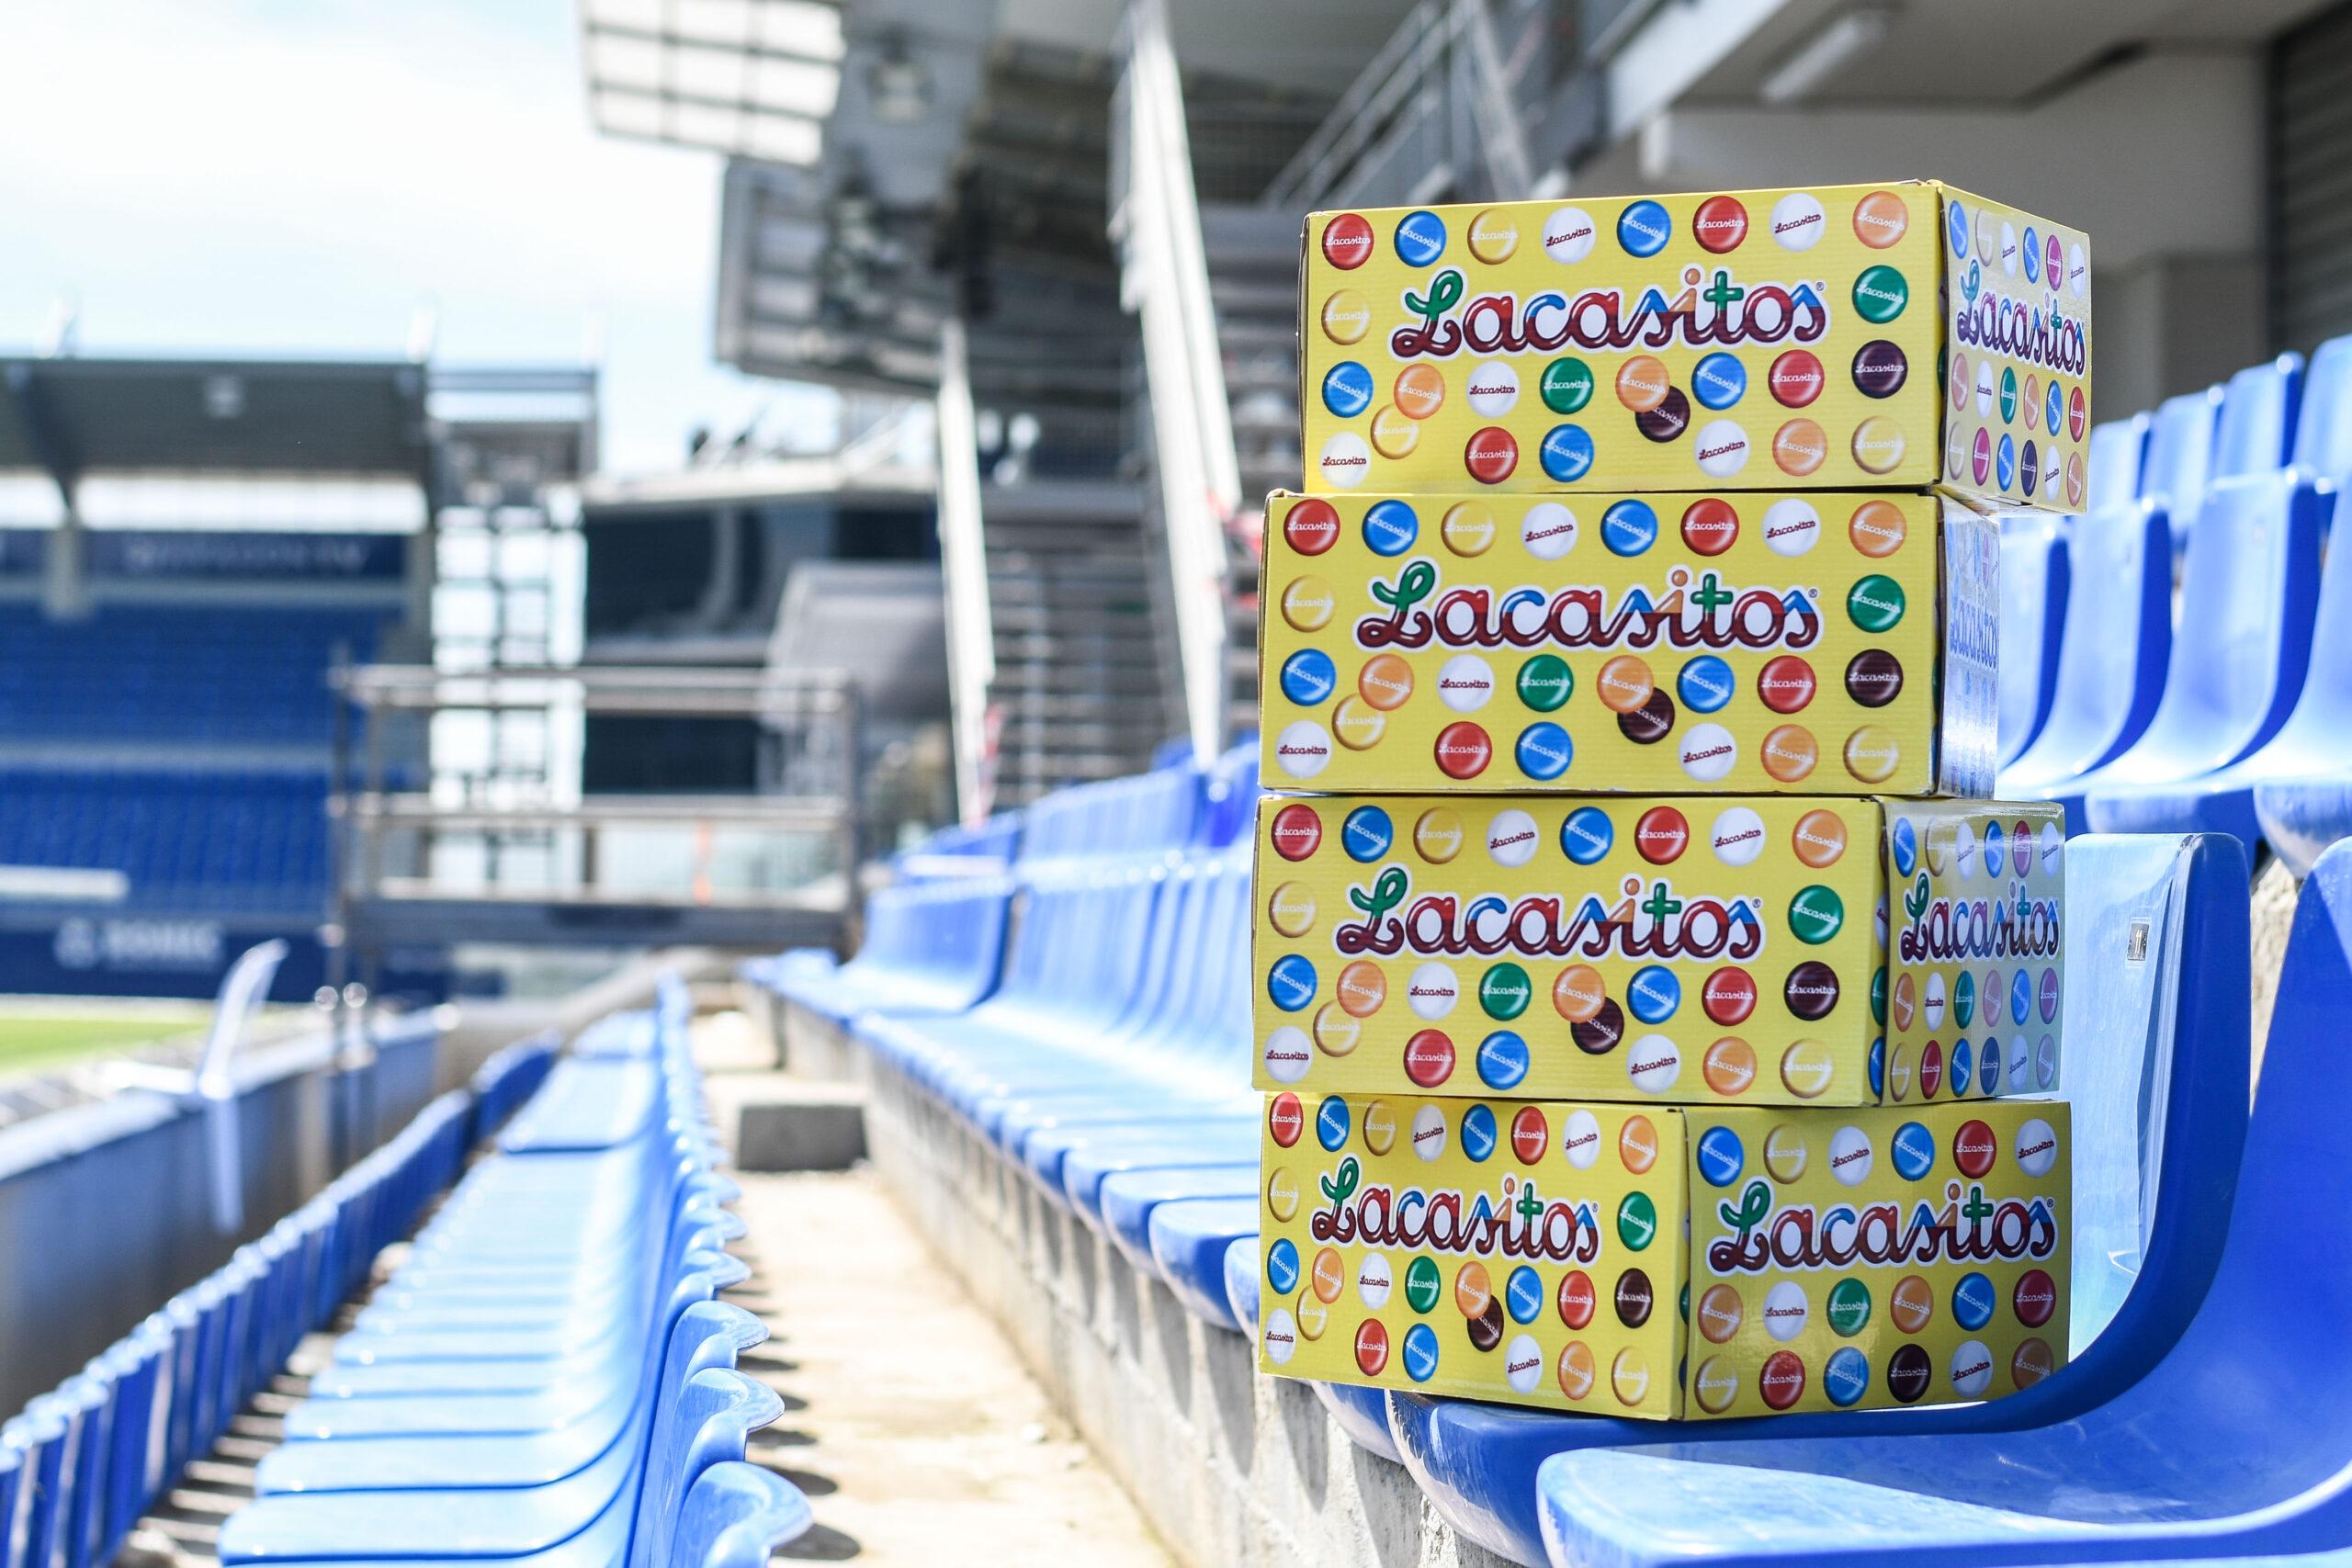 Chocolates Lacasa obsequia a nuestros socios más jóvenes con un segundo lote de sus productos estrella